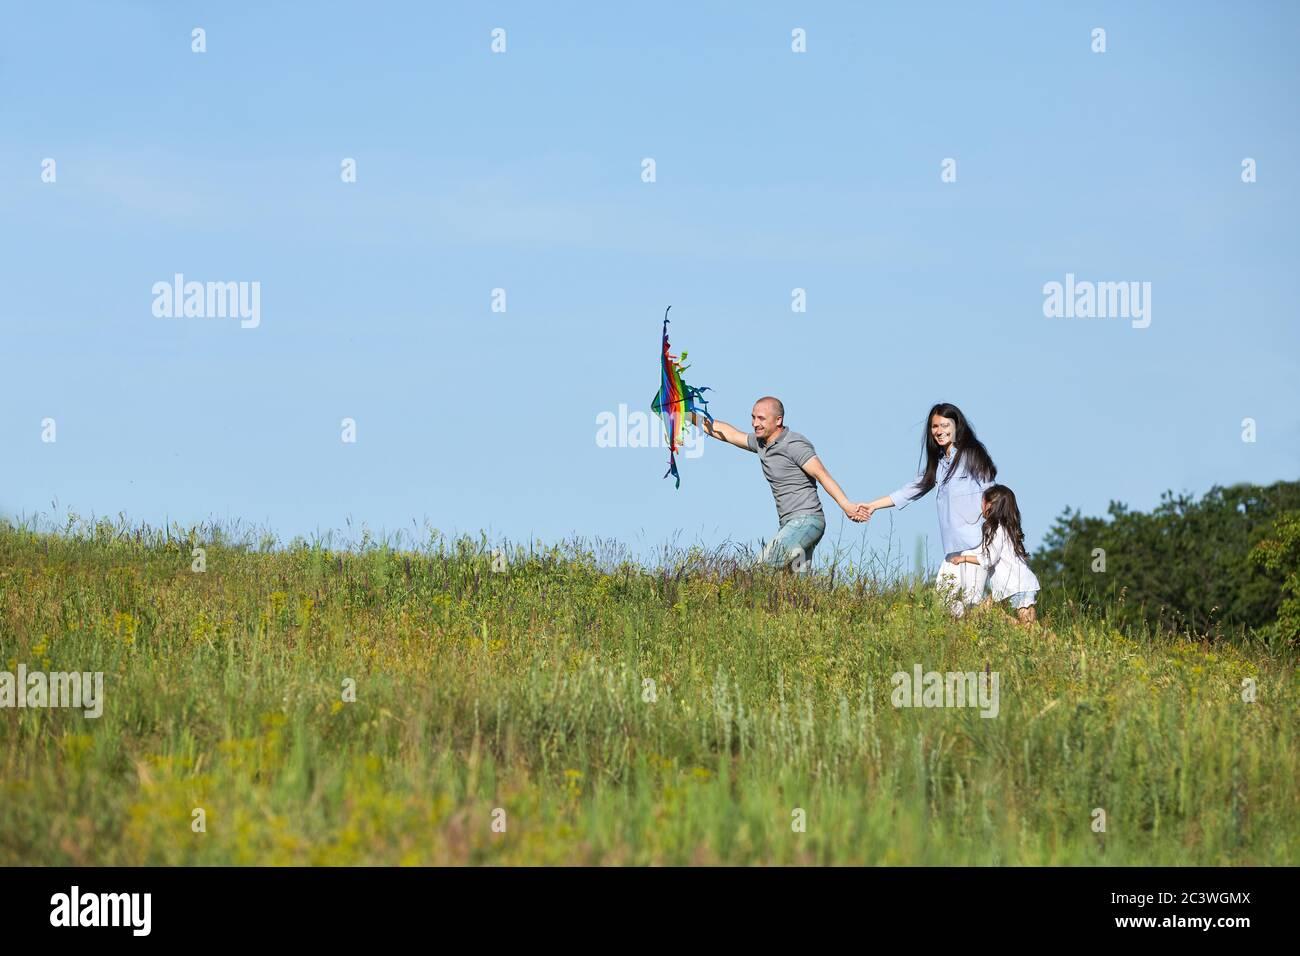 famiglia felice con bambina lancia aquilone all'aperto nella natura estiva Foto Stock